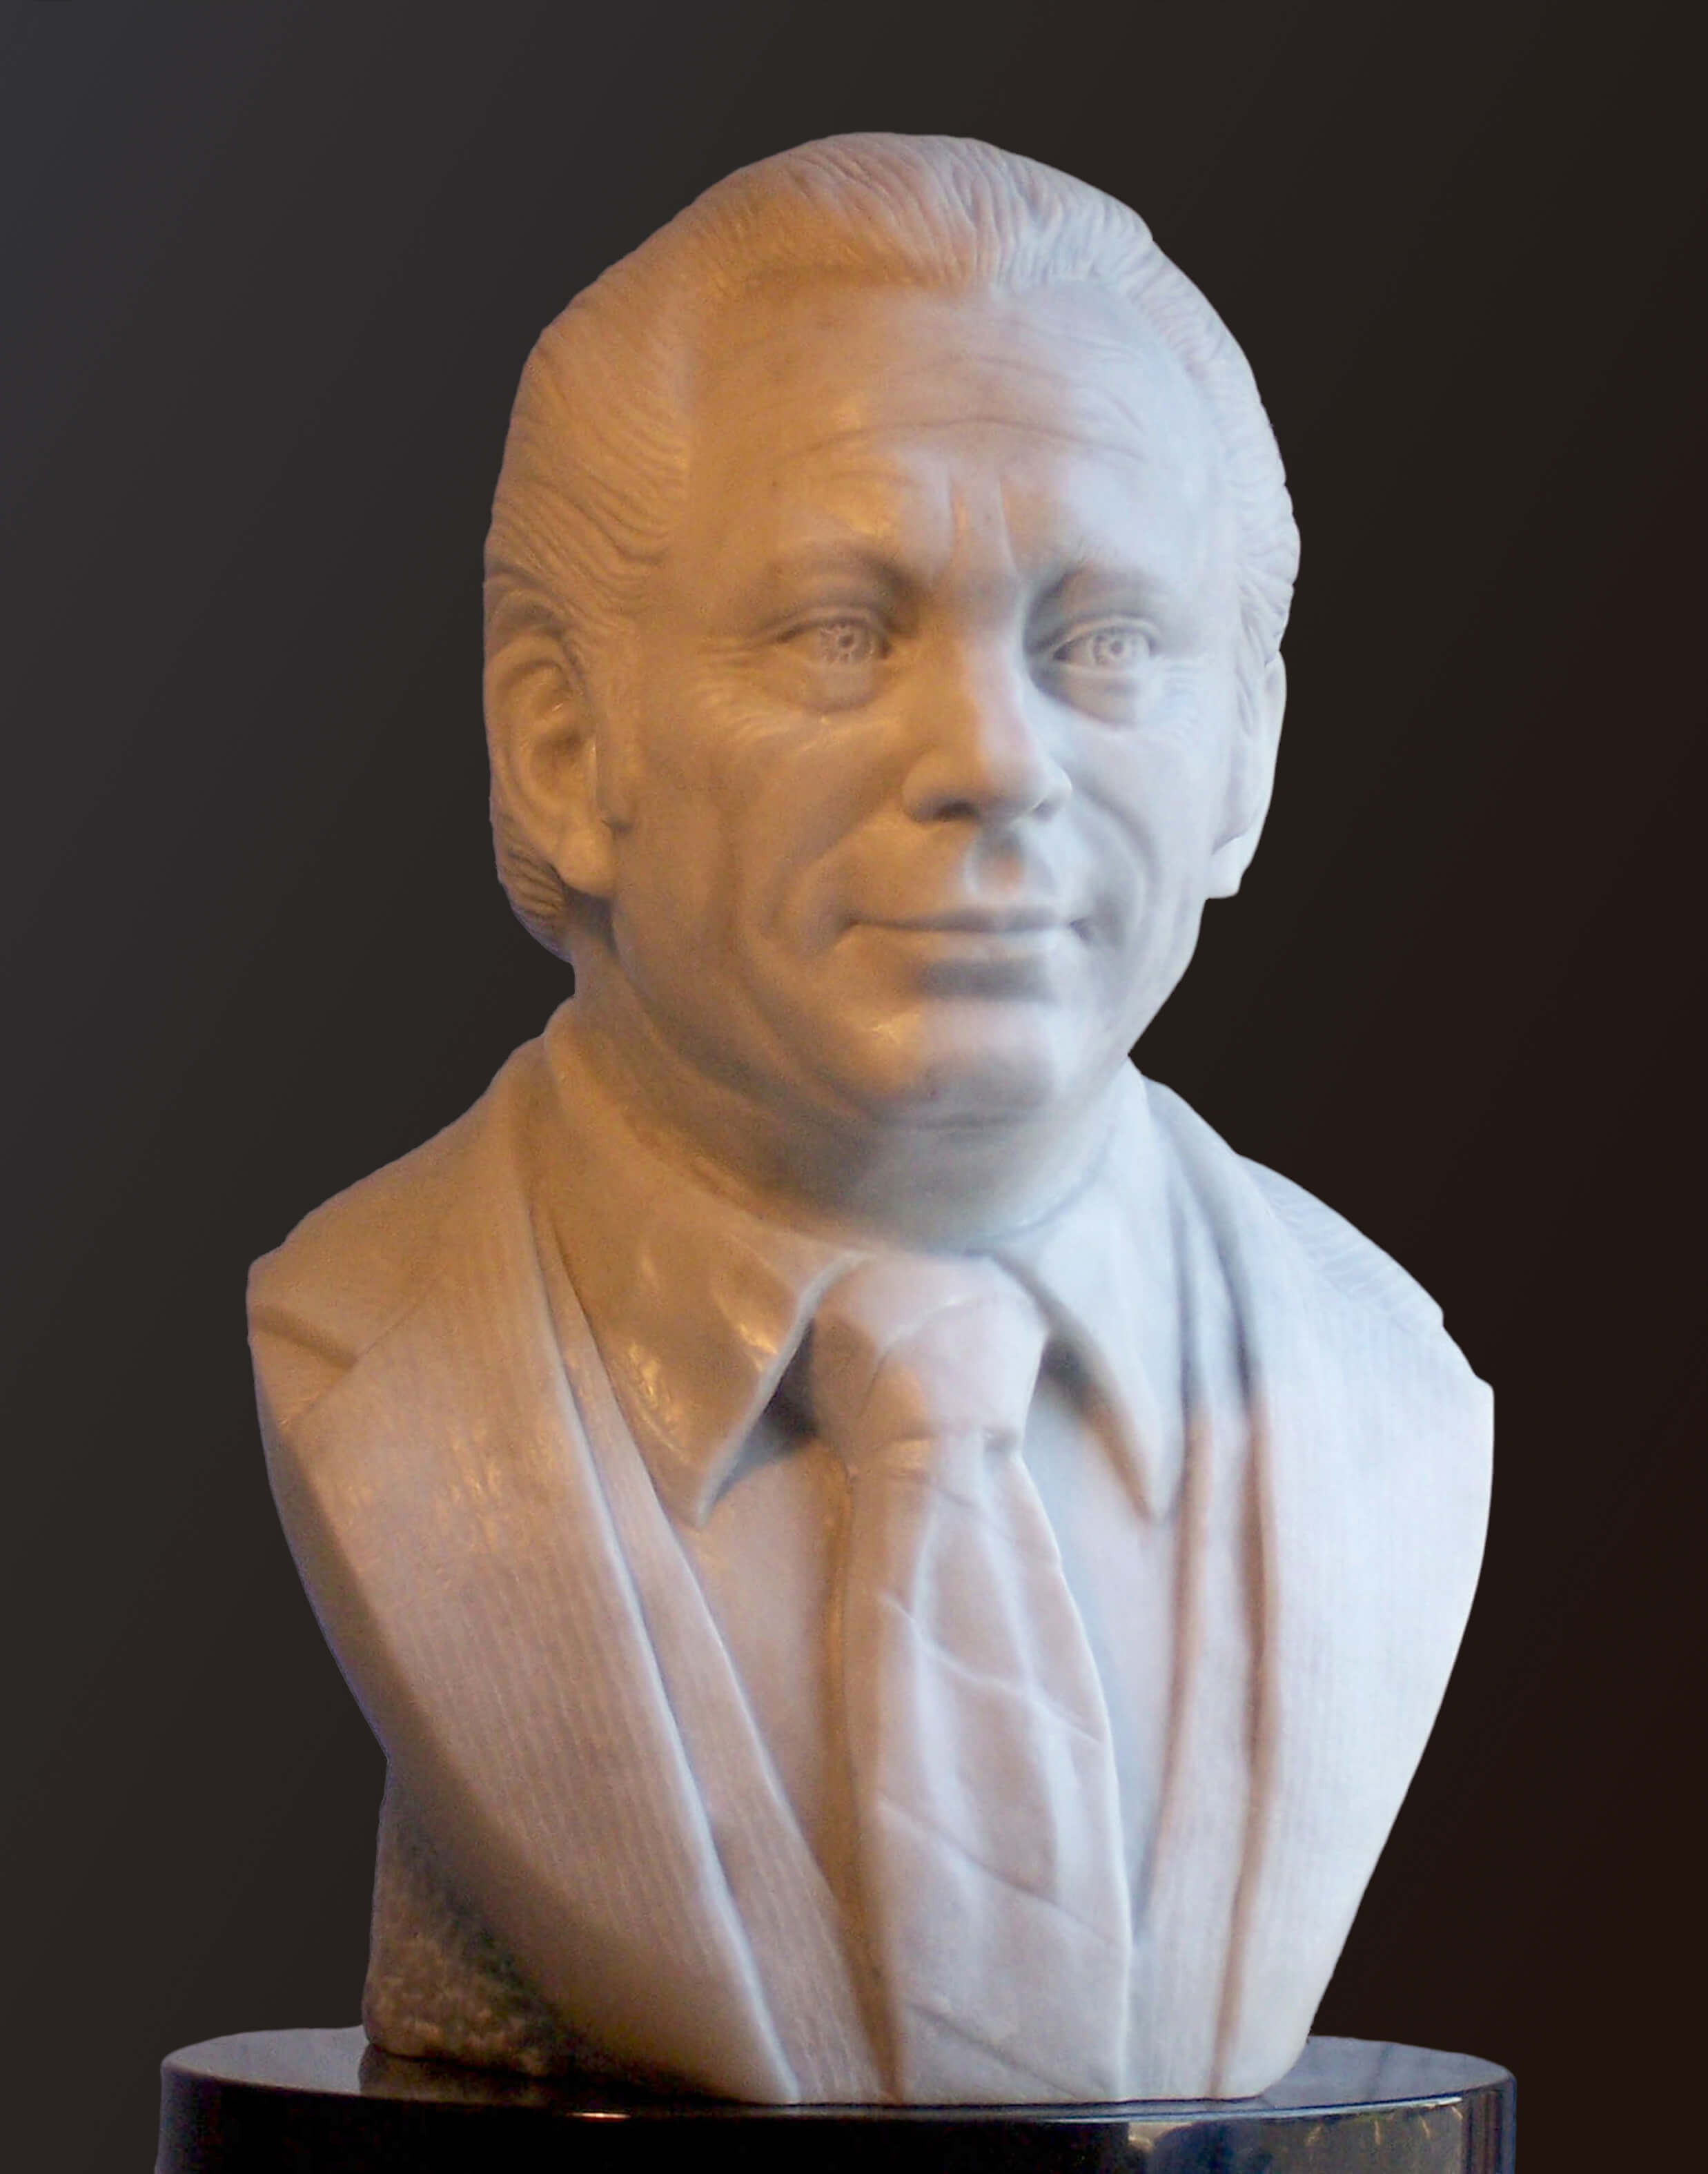 Dr. Frank J. McDevitt